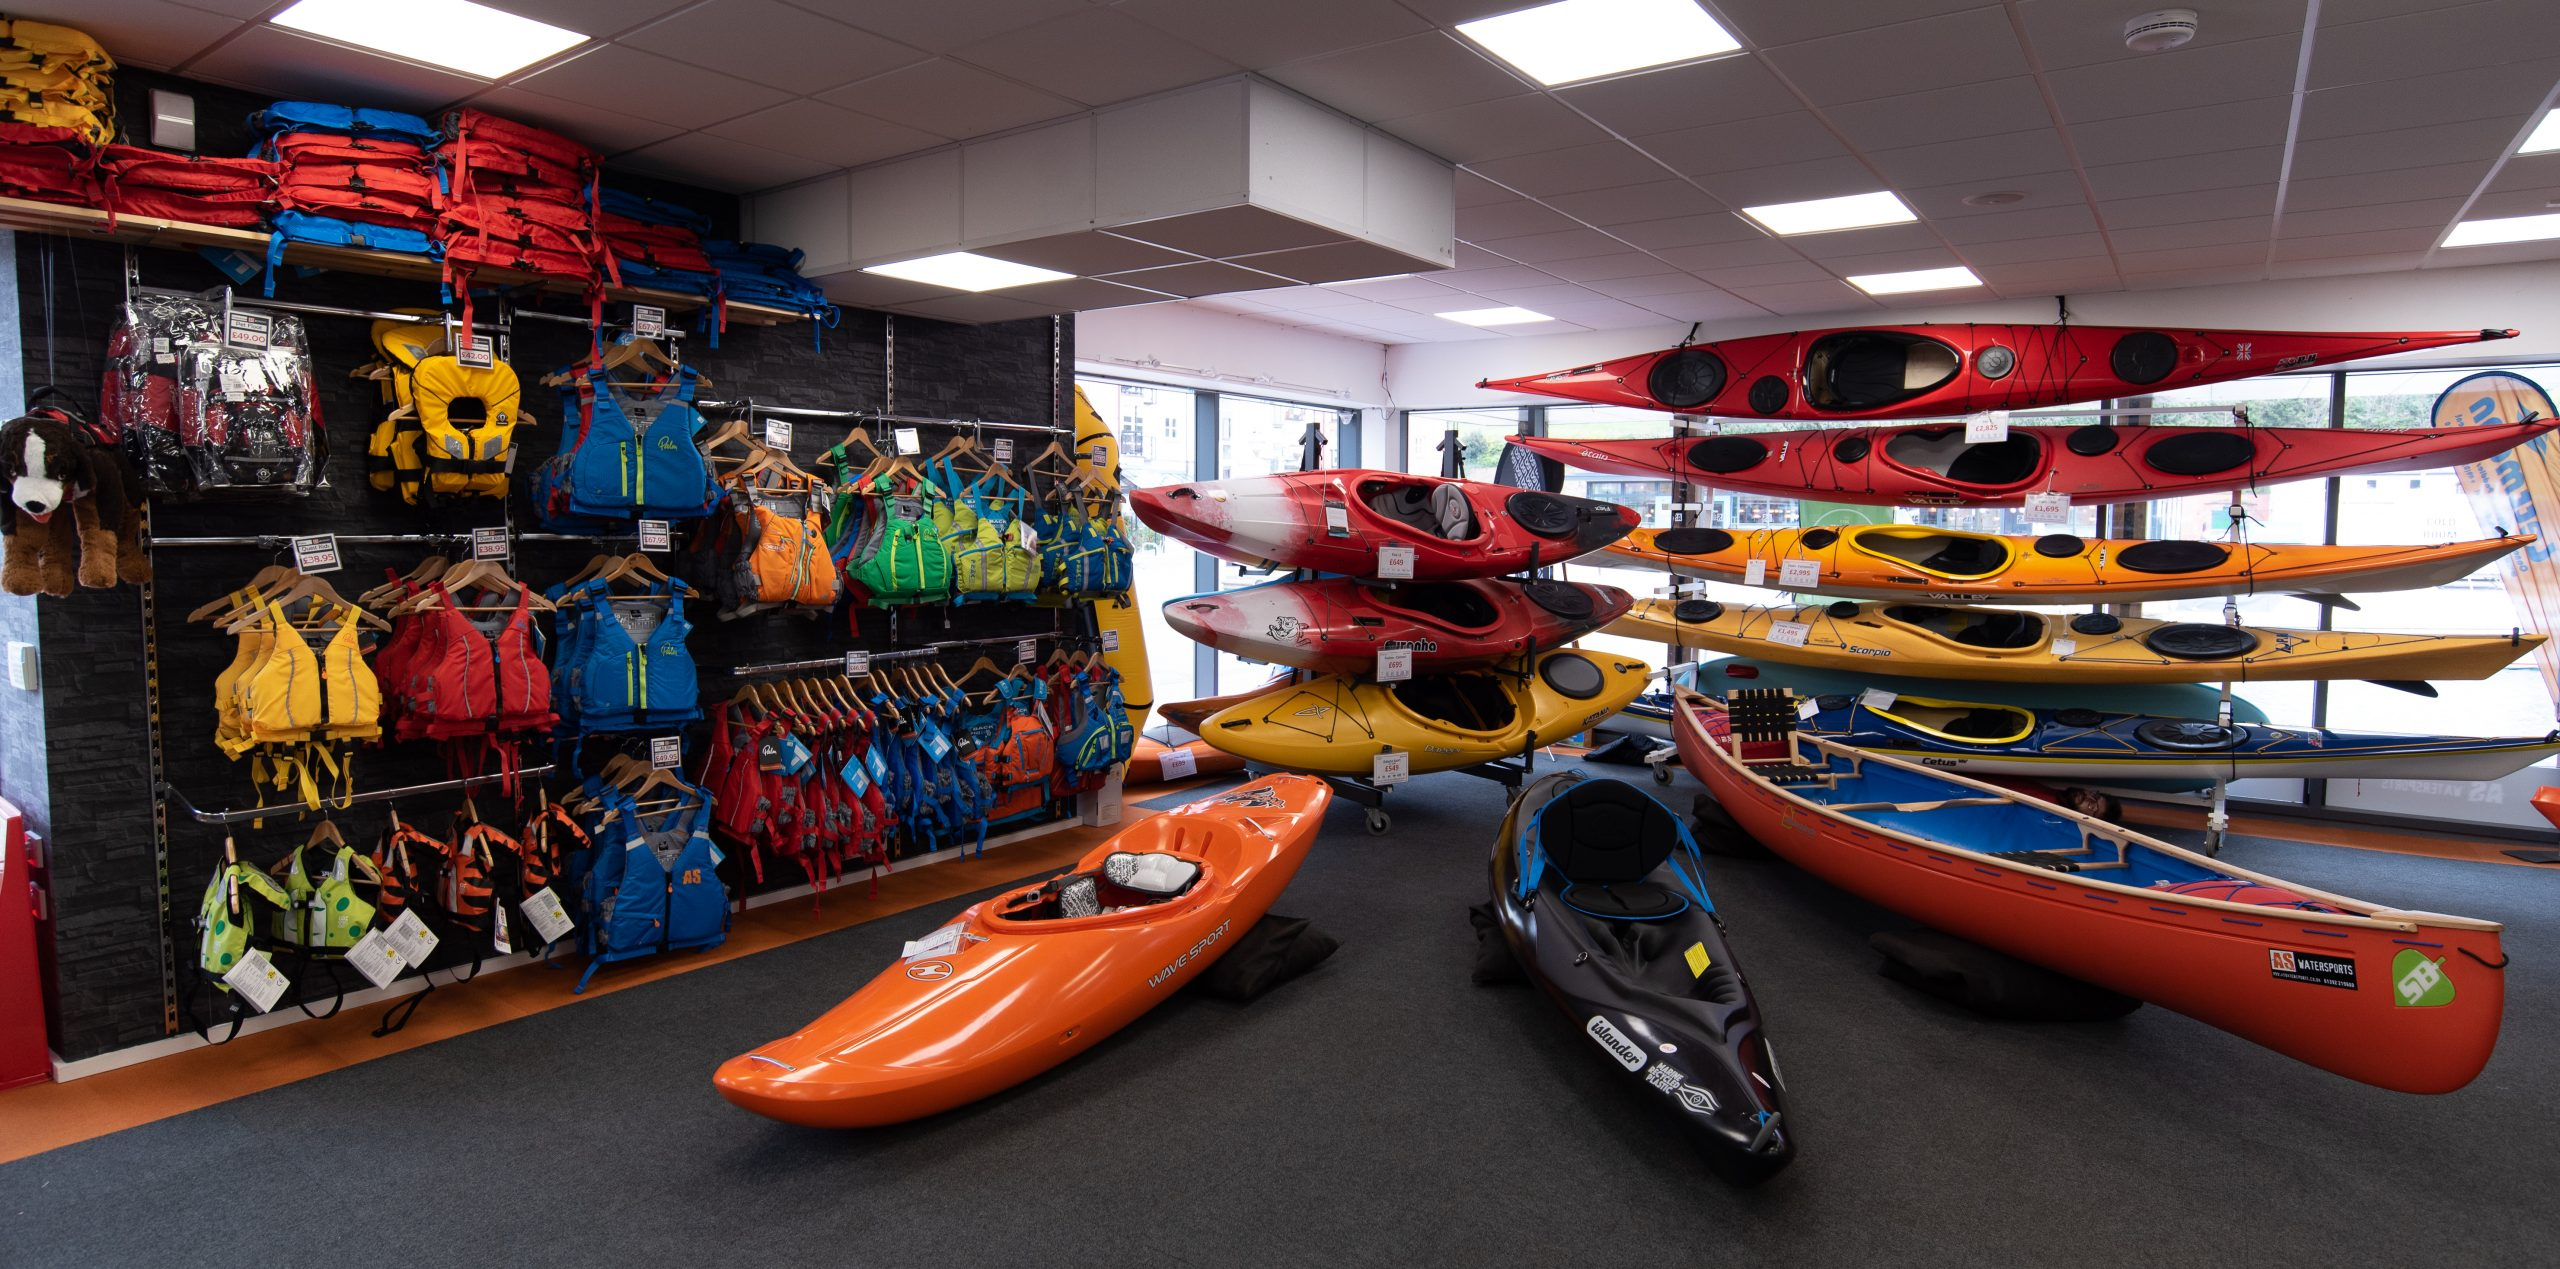 AS Watersports Canoe Kayak Shop Exeter